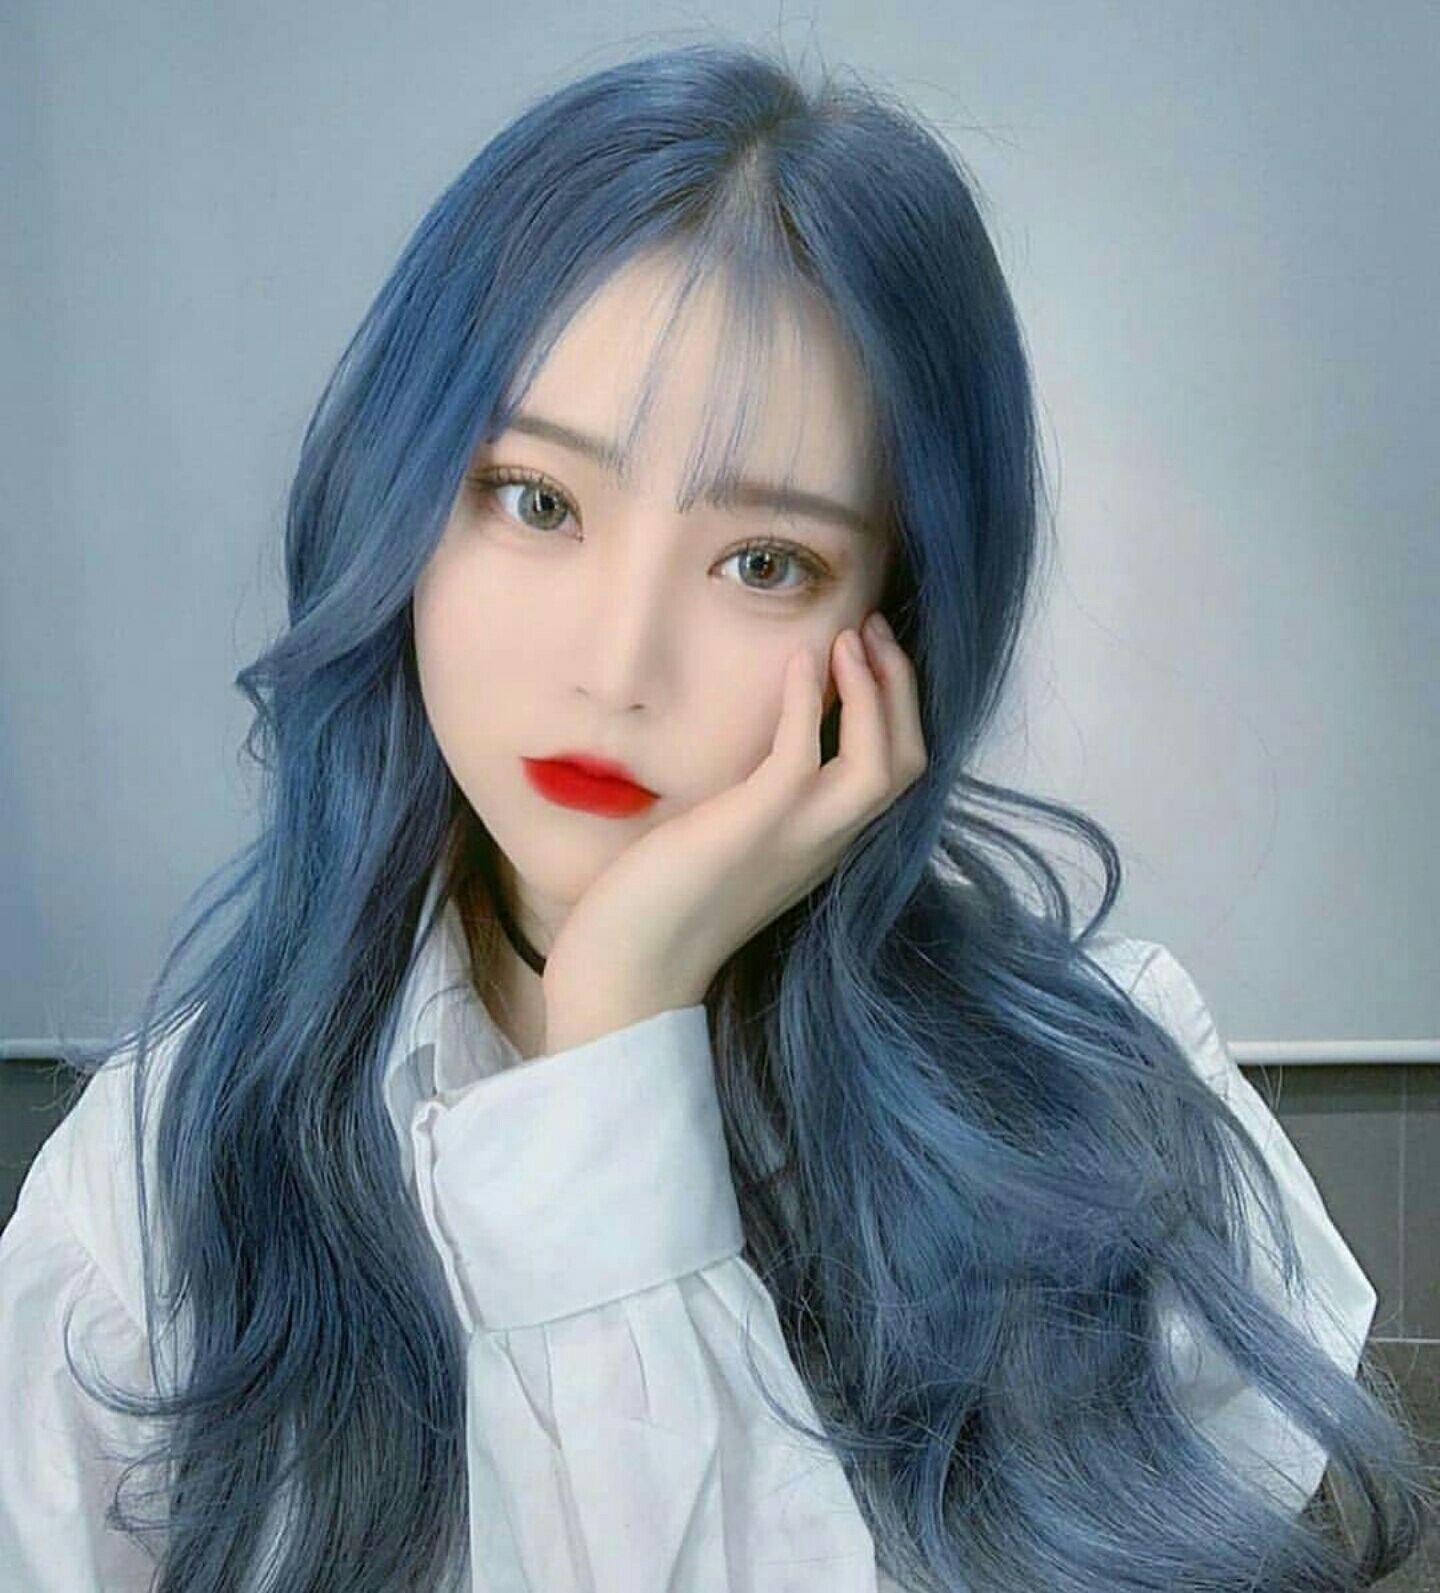 Màu tóc xanh blue tôn da đẹp nhất